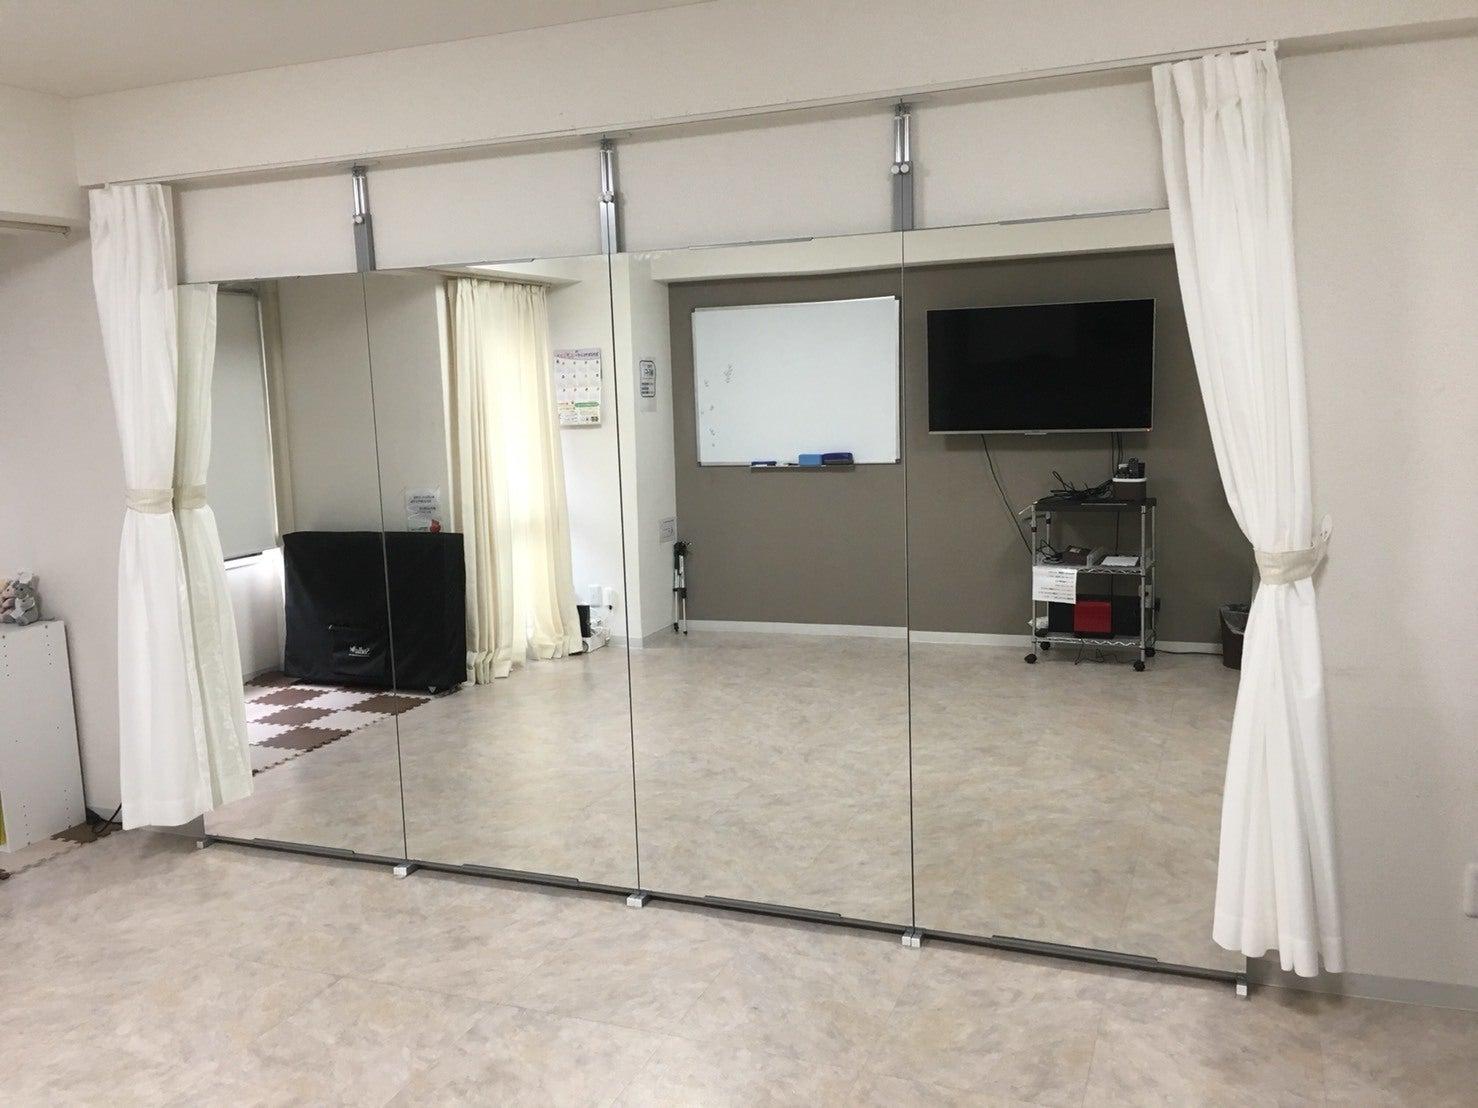 【横浜駅】大型鏡付き!ダンスやヨガができるフロアタイル!平日1時間1500円で大型モニター、WiFi完備 のサムネイル